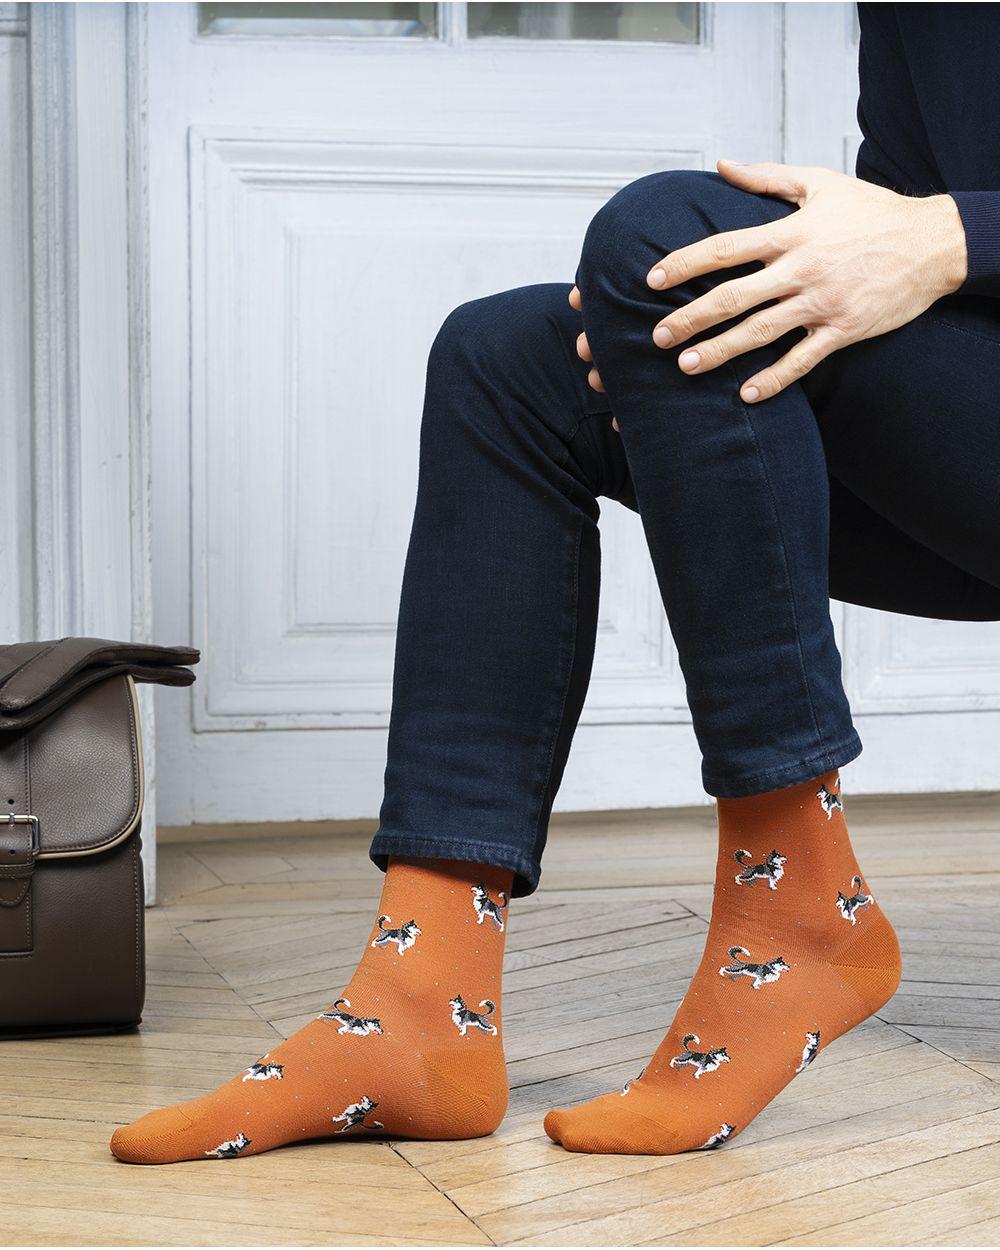 Chaussettes coton motif huskys